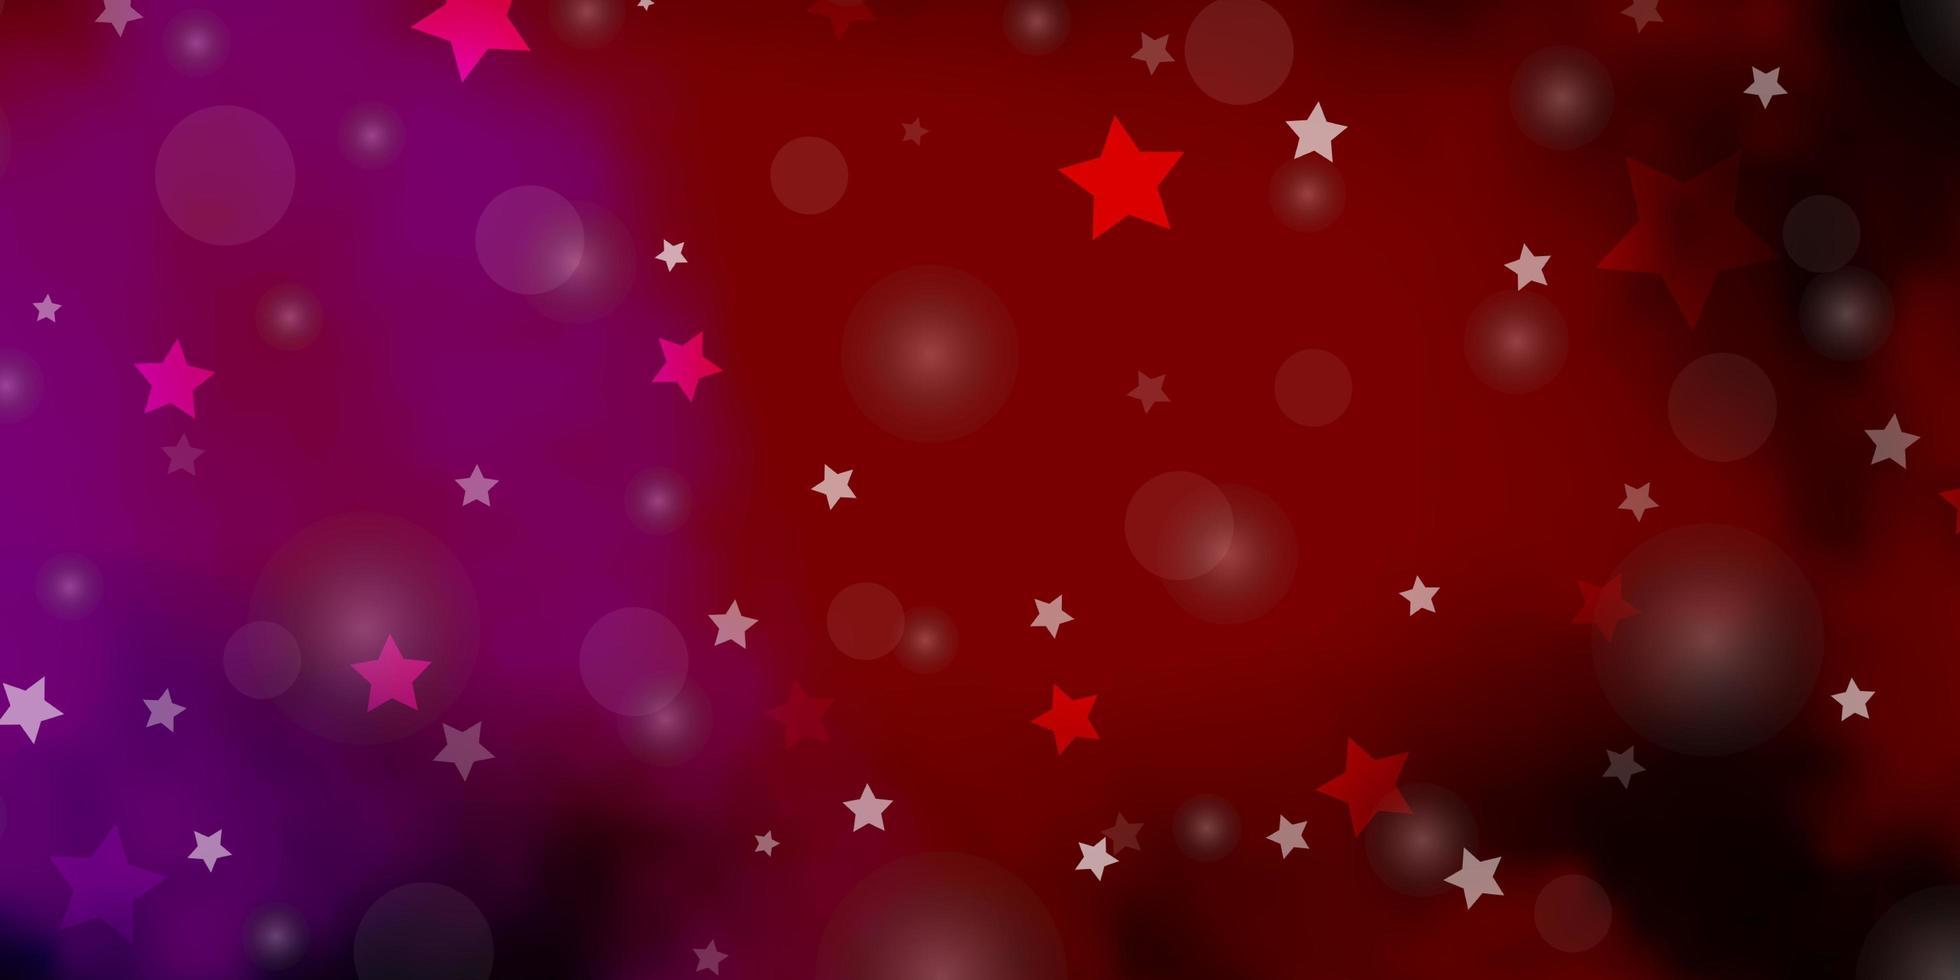 padrão de vetor rosa escuro, amarelo com círculos, estrelas.